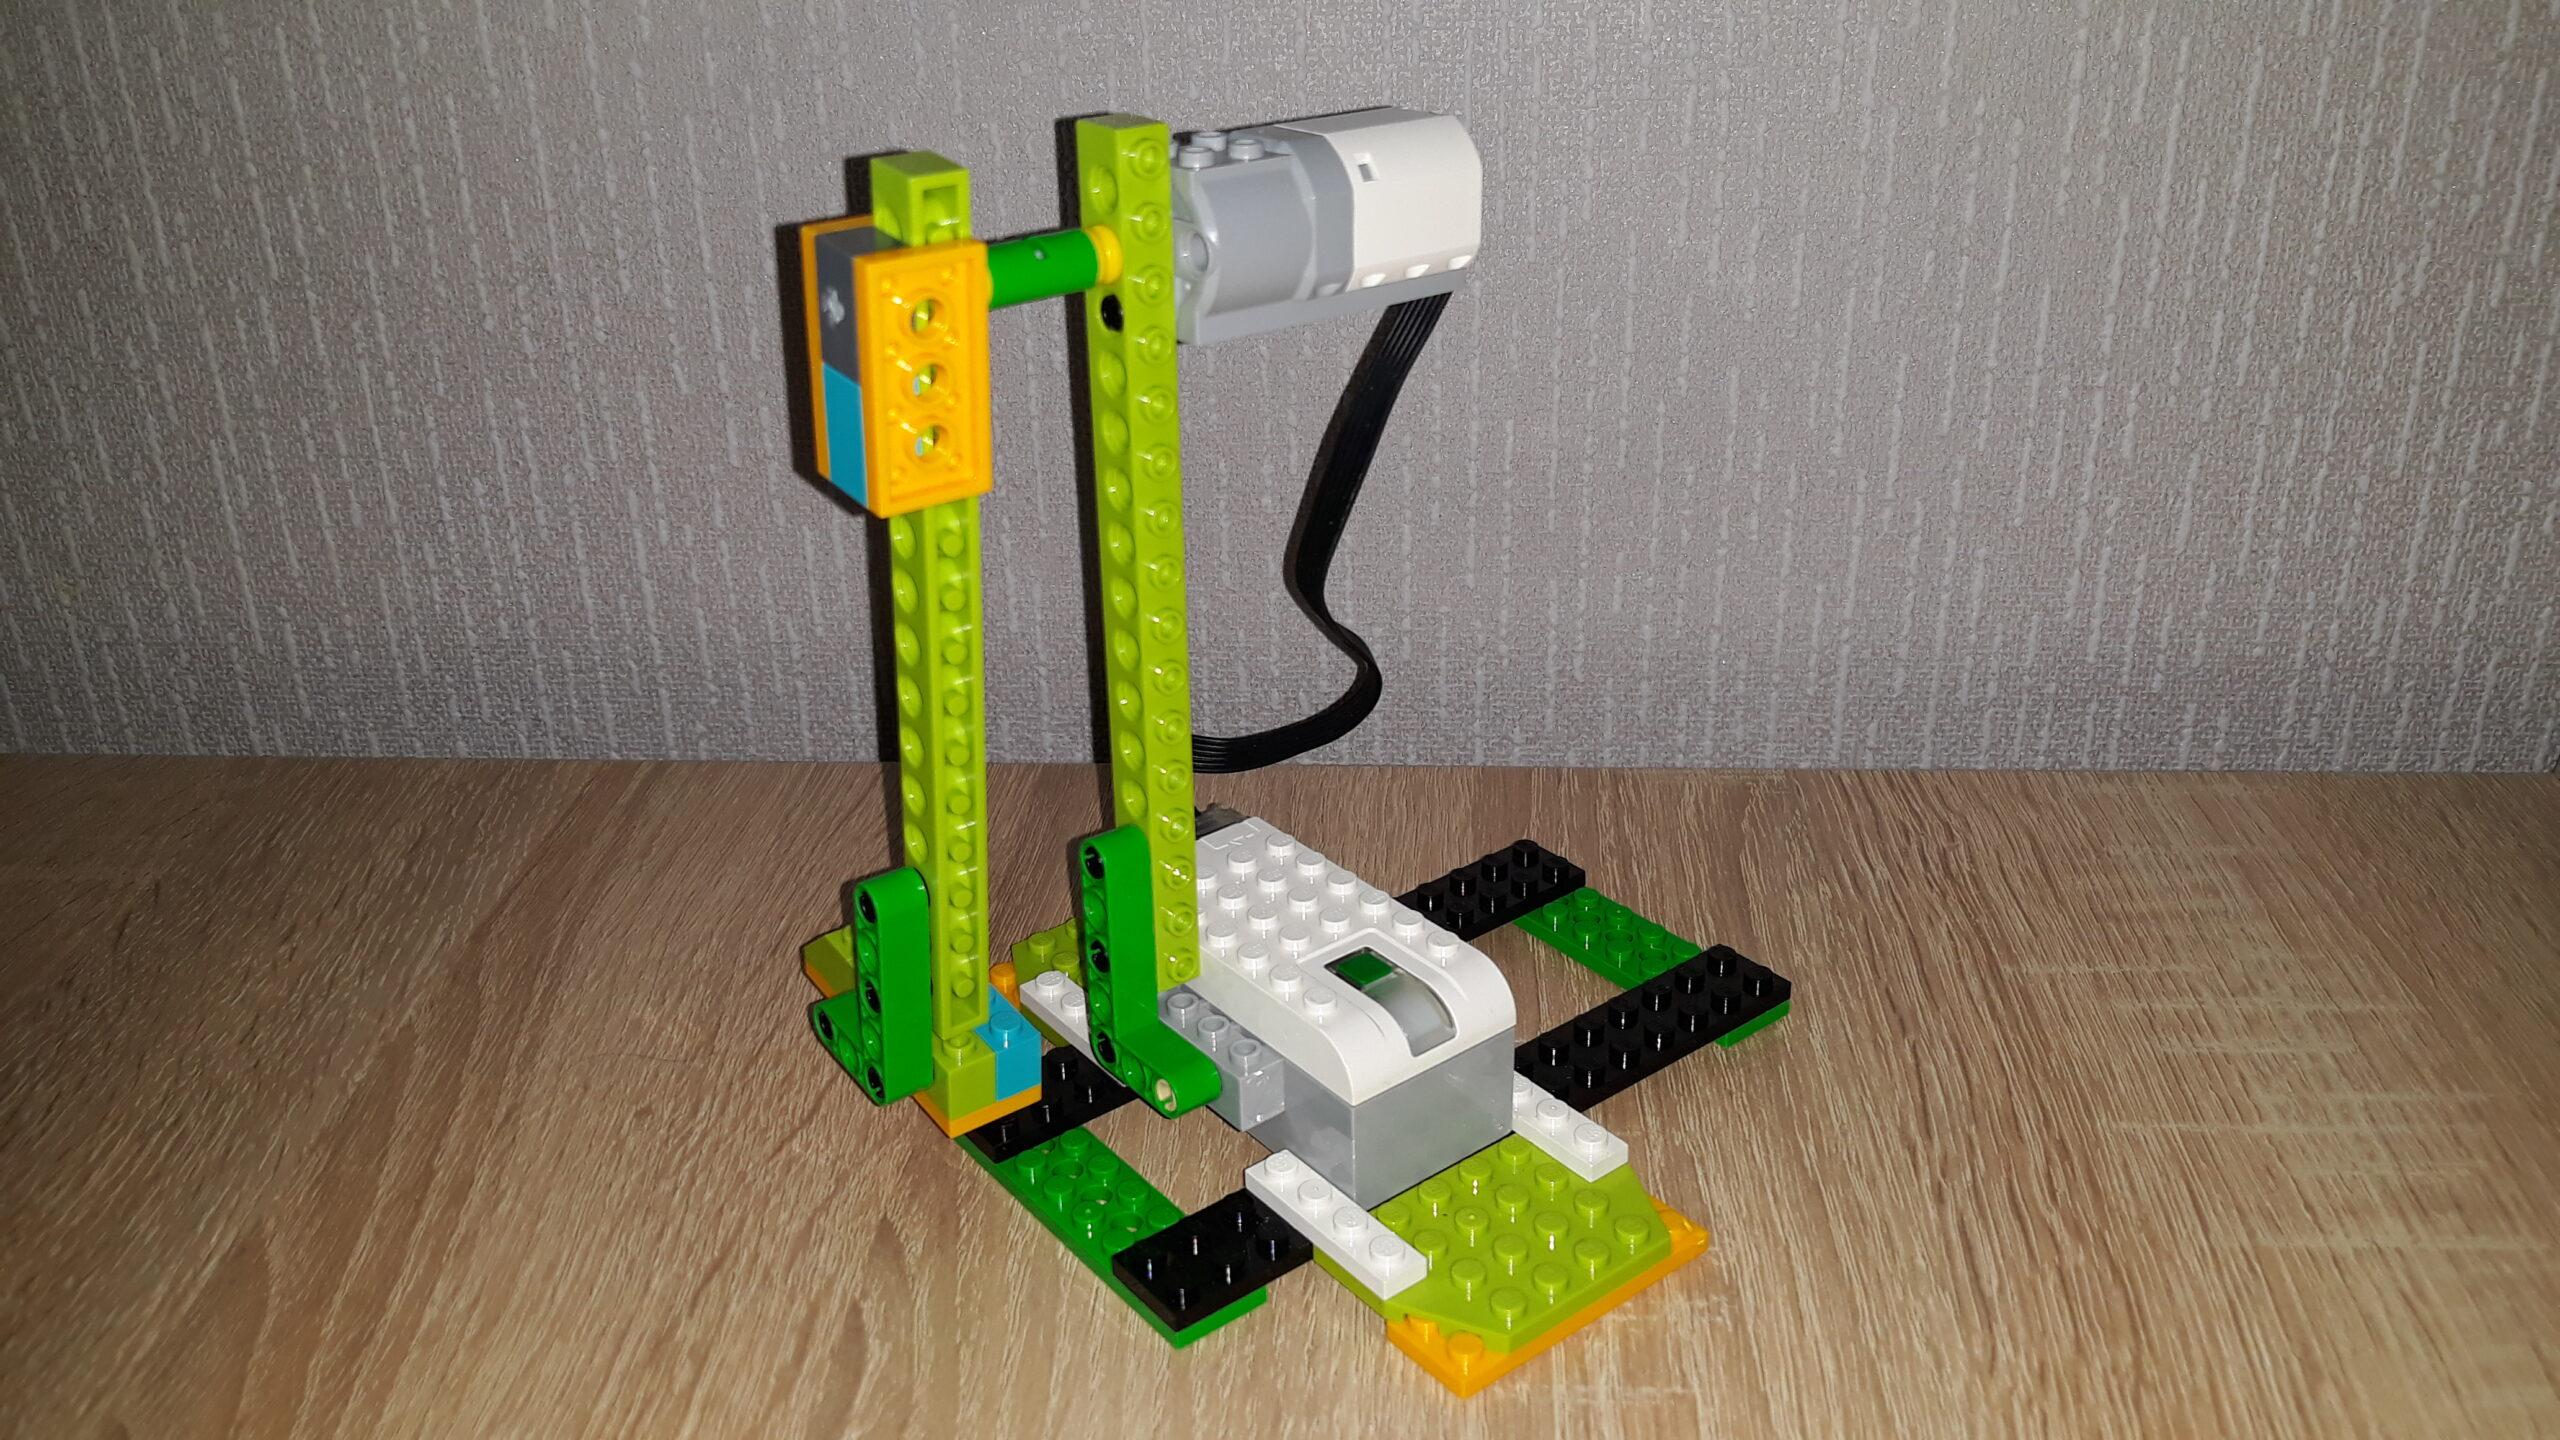 Инструкция по сборке из набора LEGO Education WeDo 2.0 Пинающий футболист